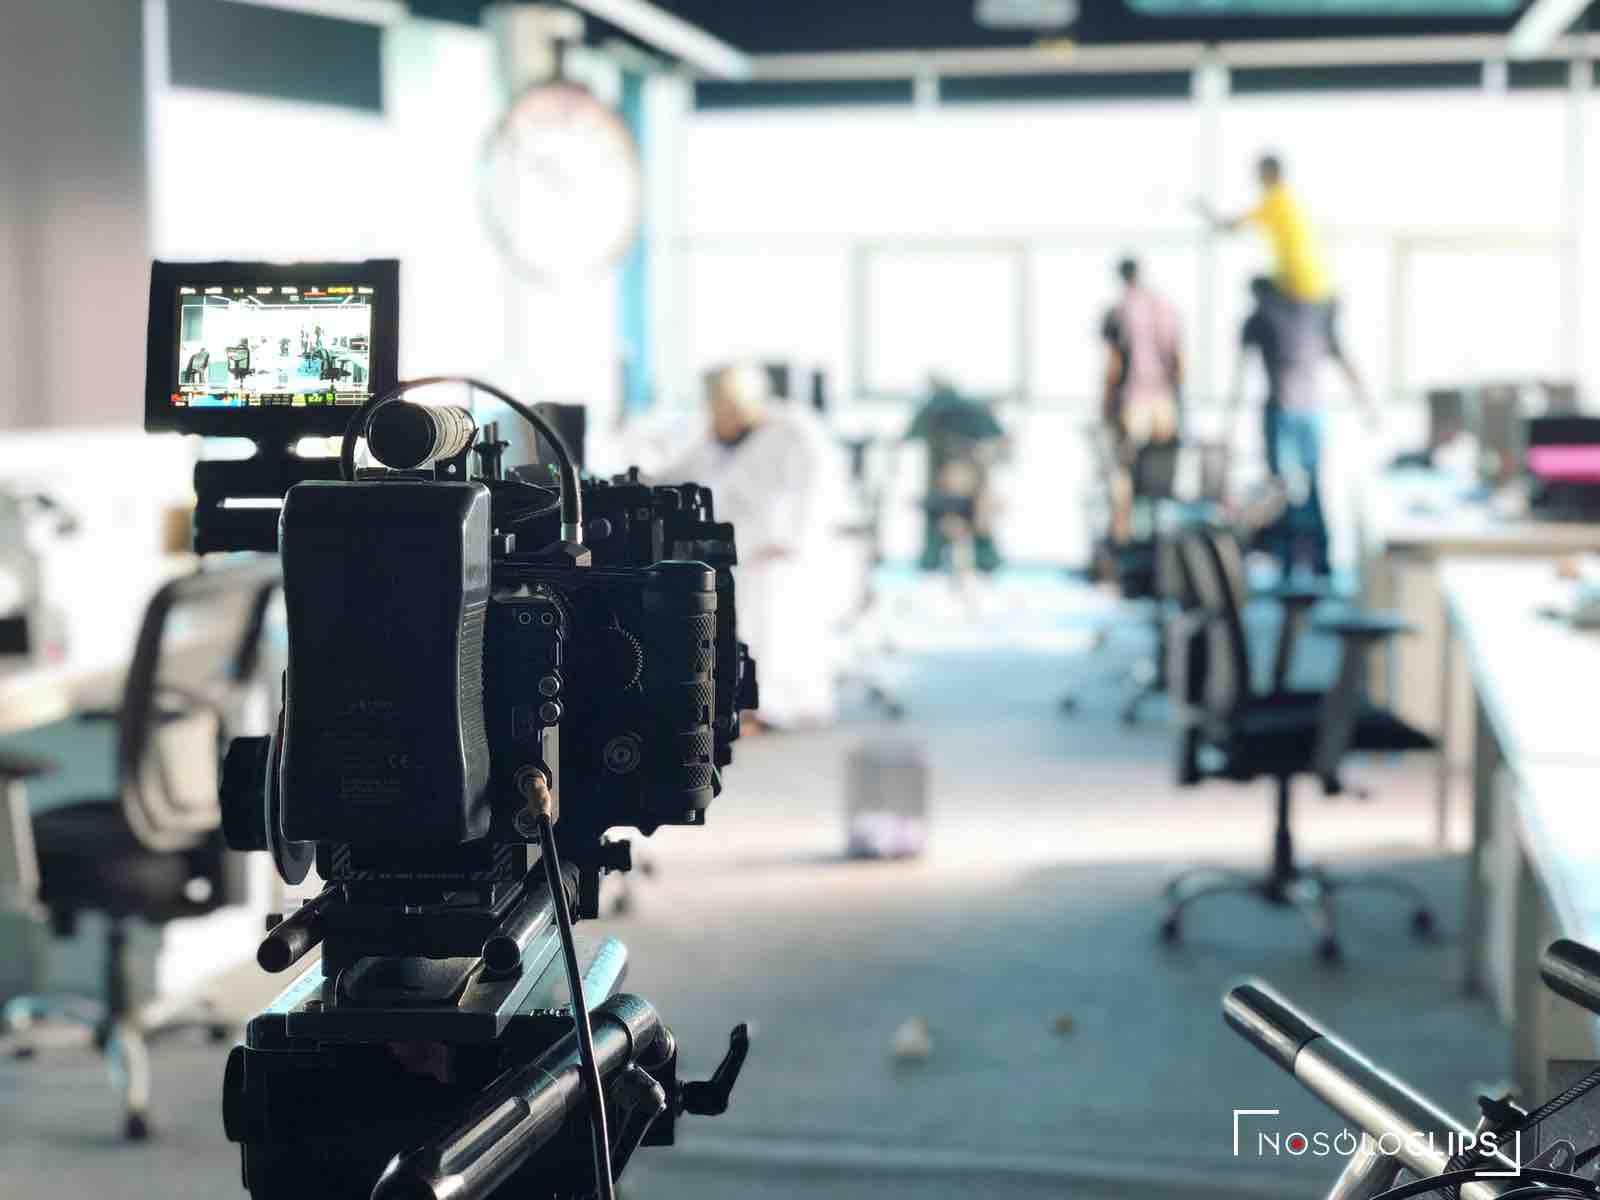 ¡Resistiré! Por qué las empresas deben apostar por el vídeomarketing en tiempos de pandemia